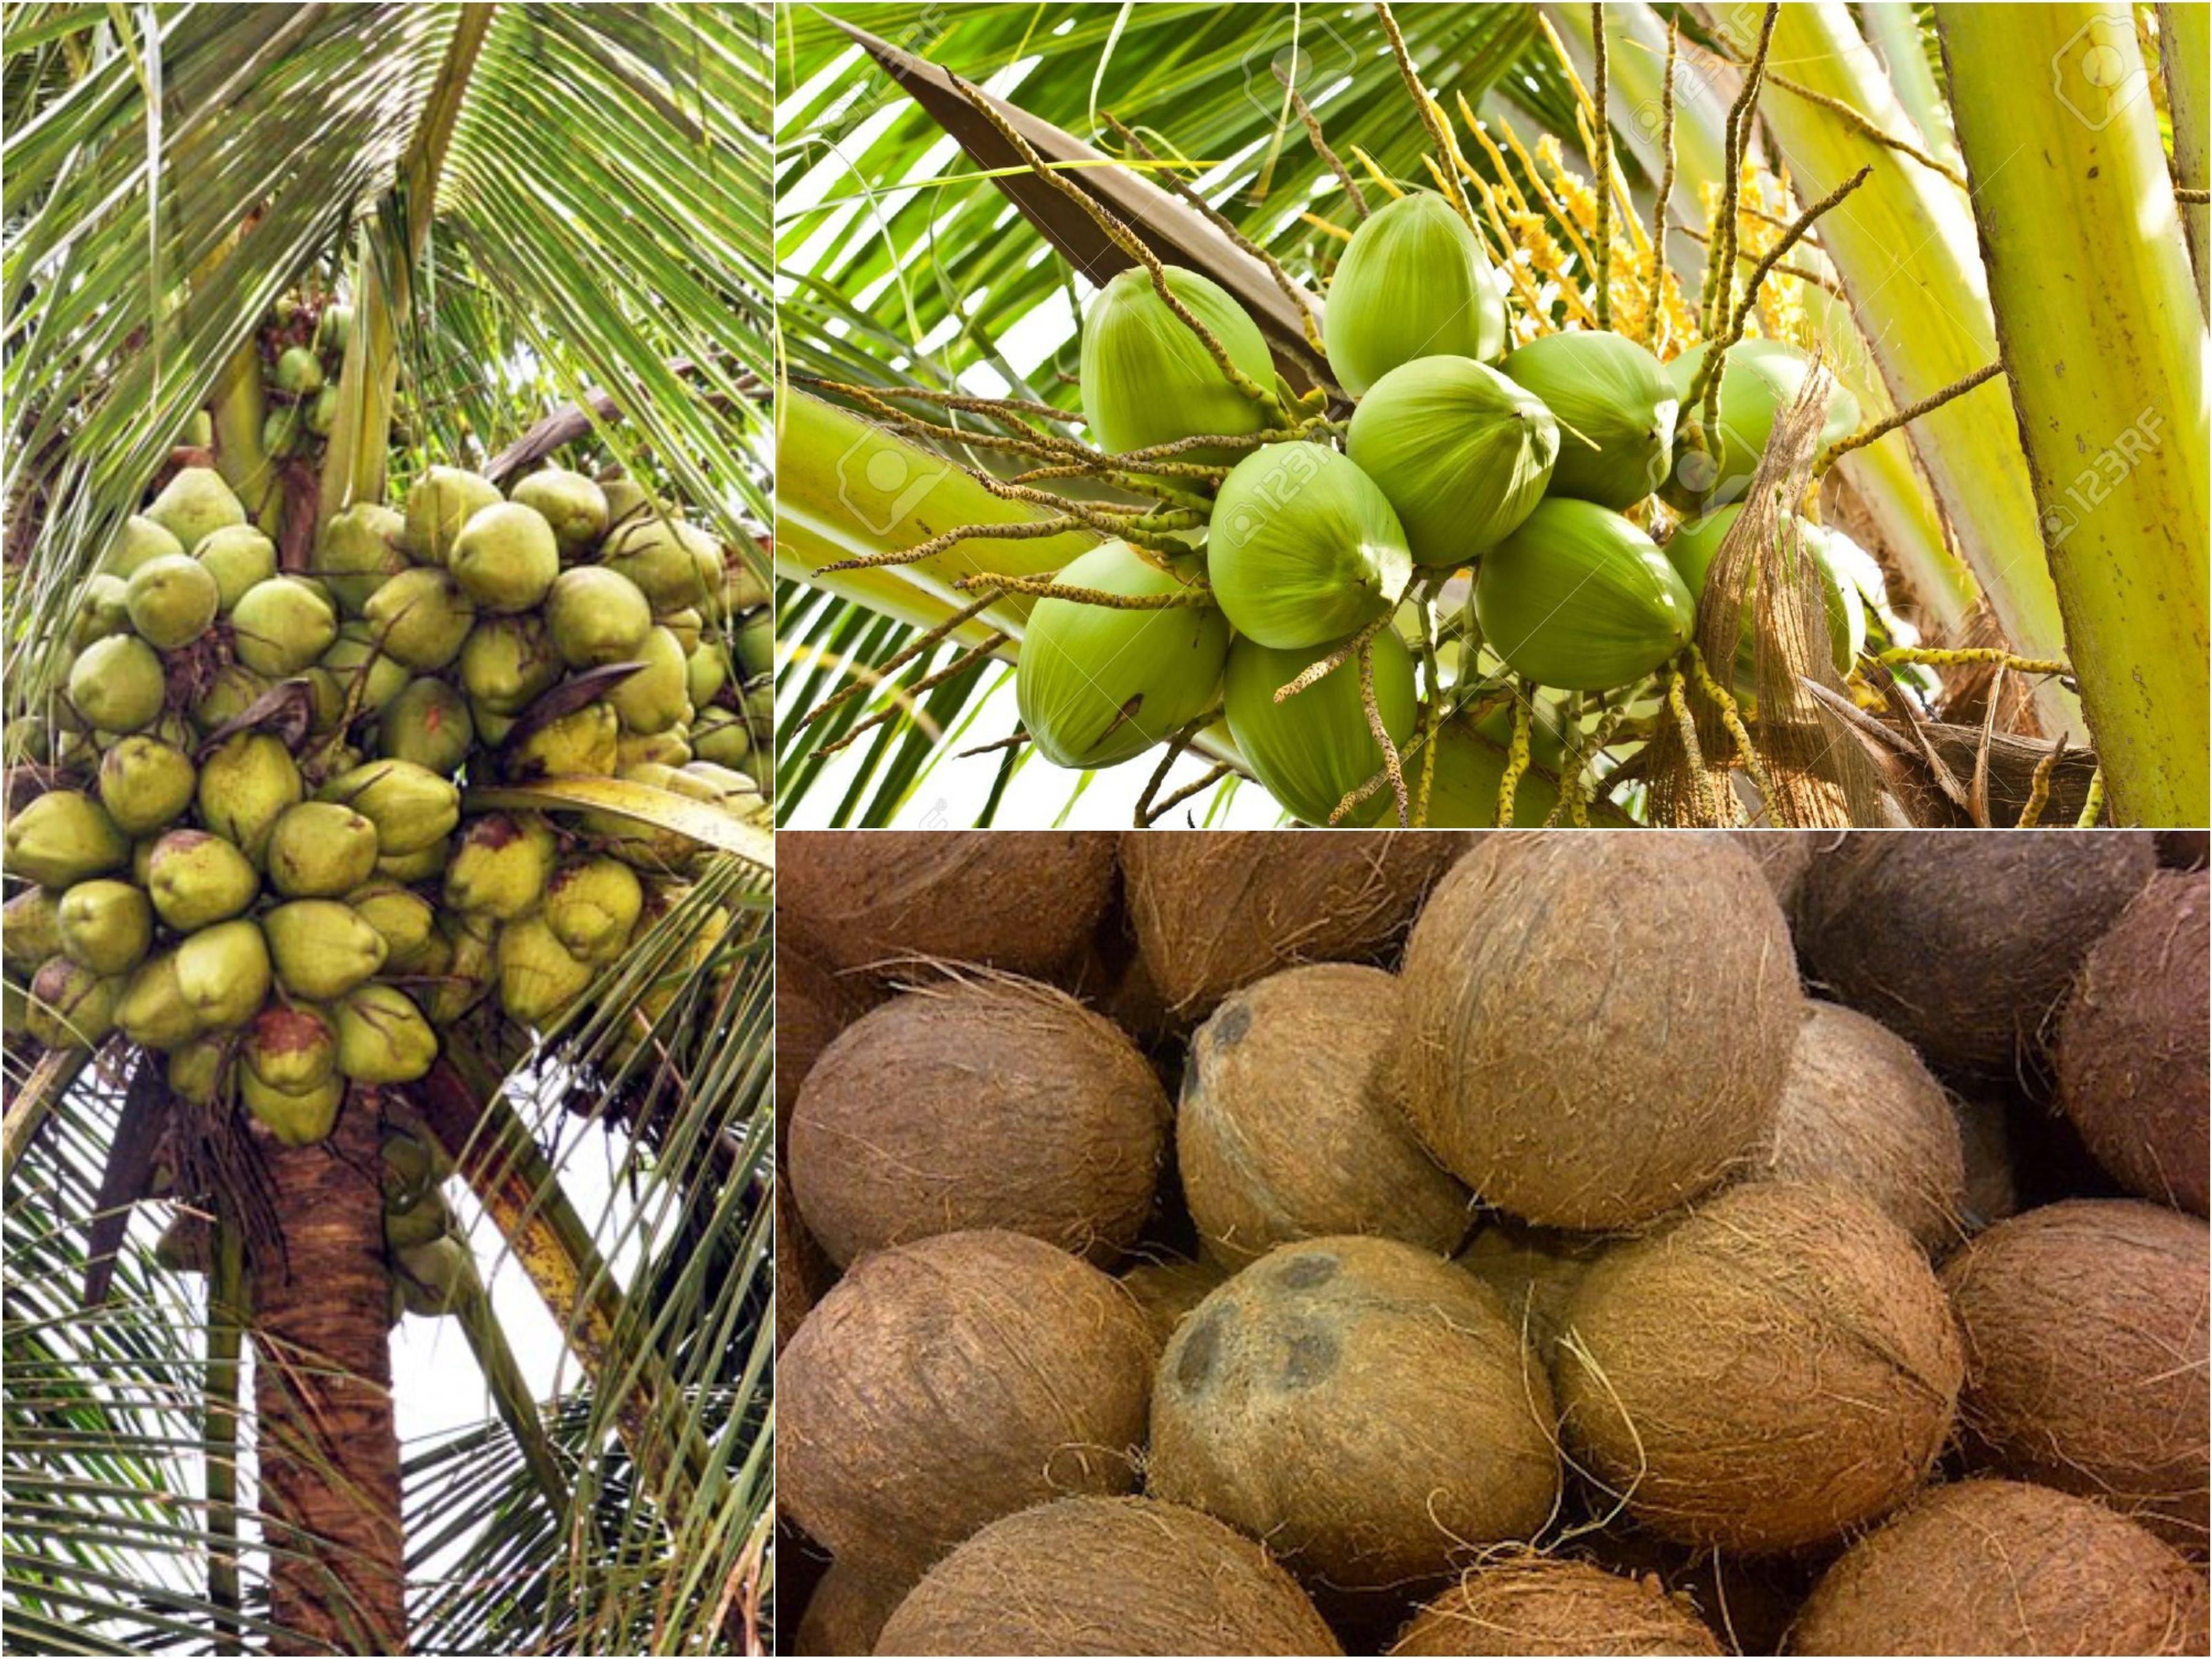 Все о том, как и где растут кокосы. Родина, описание дерева и время созревания